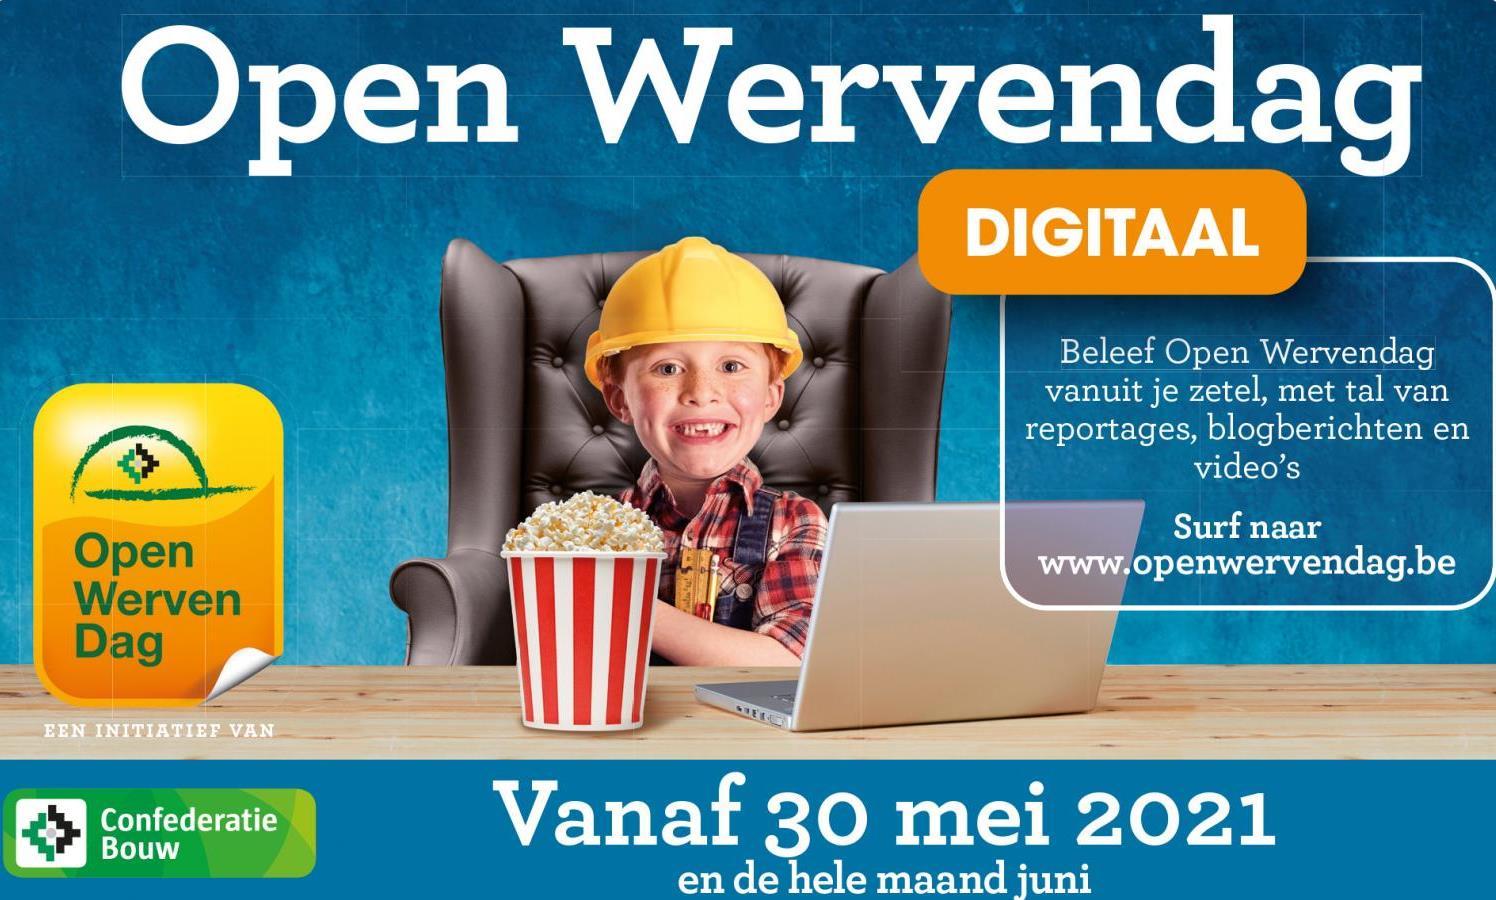 Open Wervendag 2021